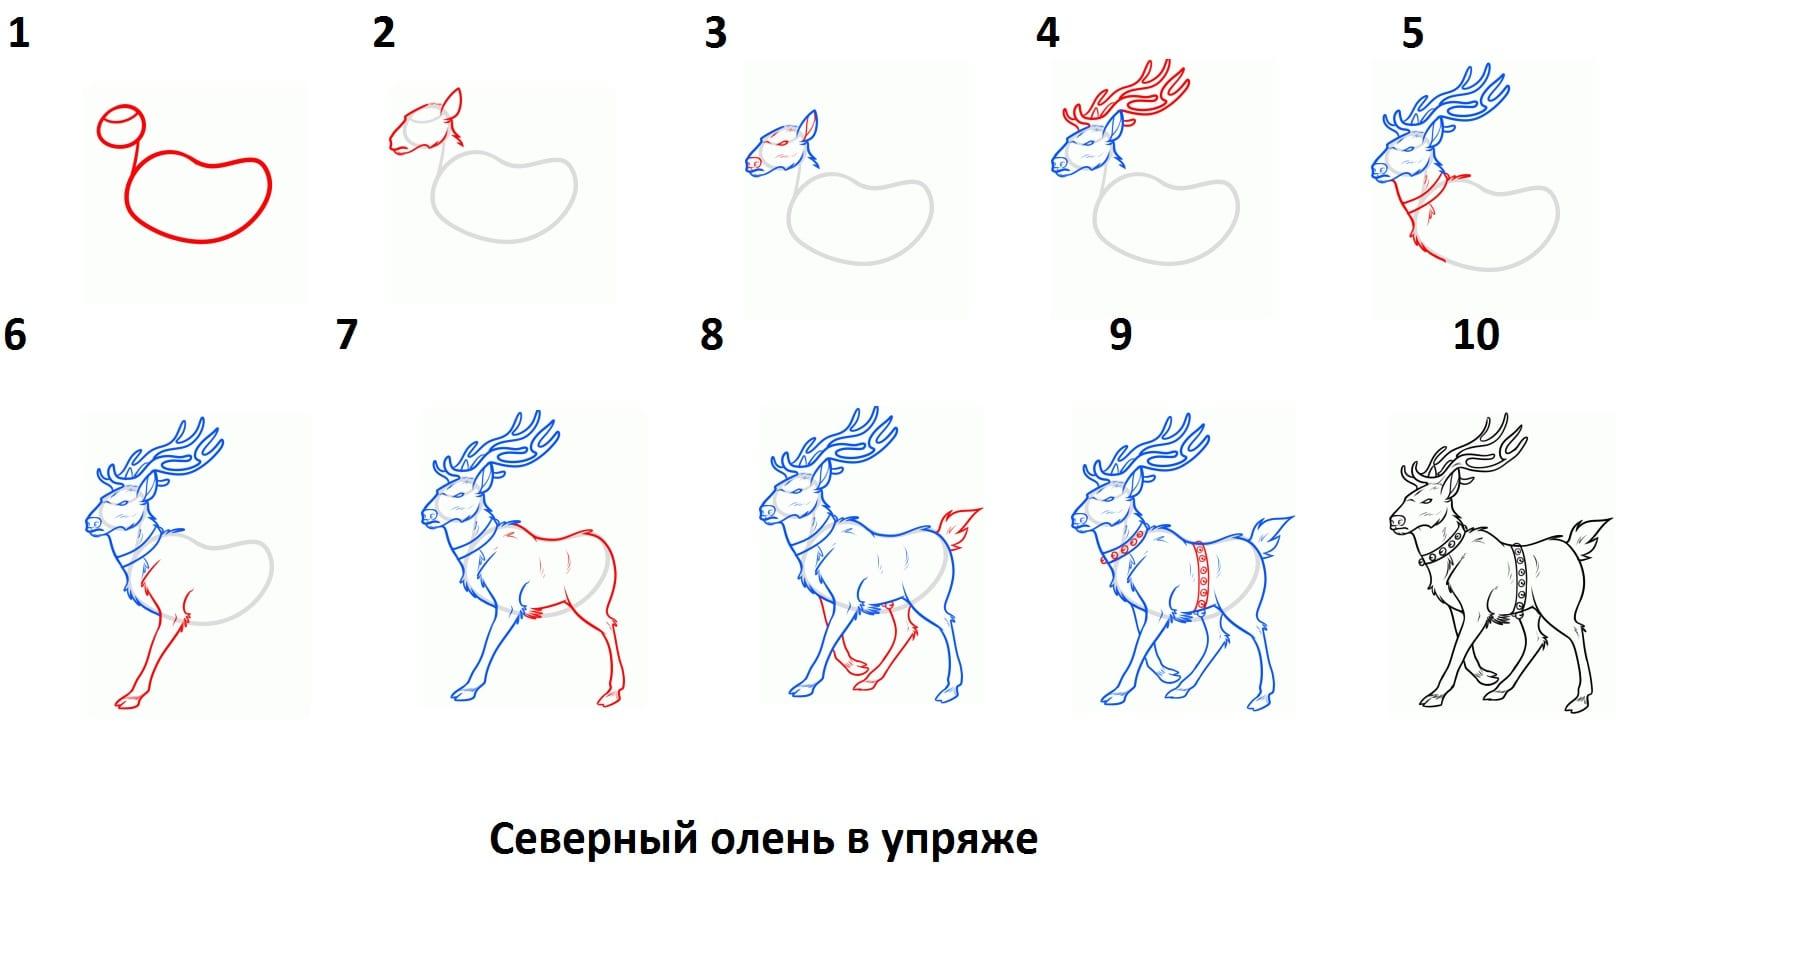 как нарисовать северного оленья в упряжке